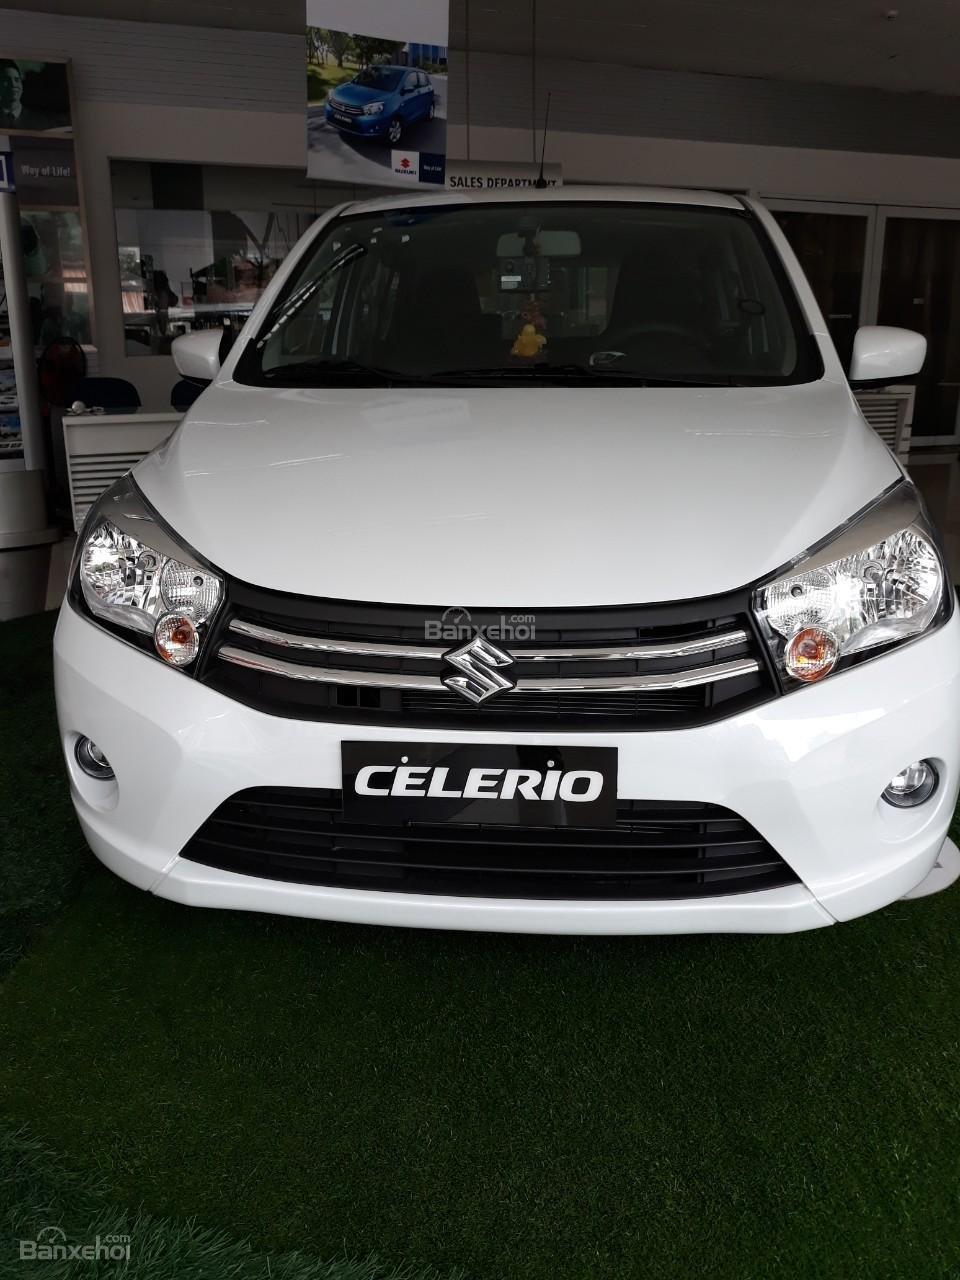 Bán ô tô Suzuki Celerio- tặng thêm bảo hiểm 2 chiều- tặng phụ kiện khủng-5